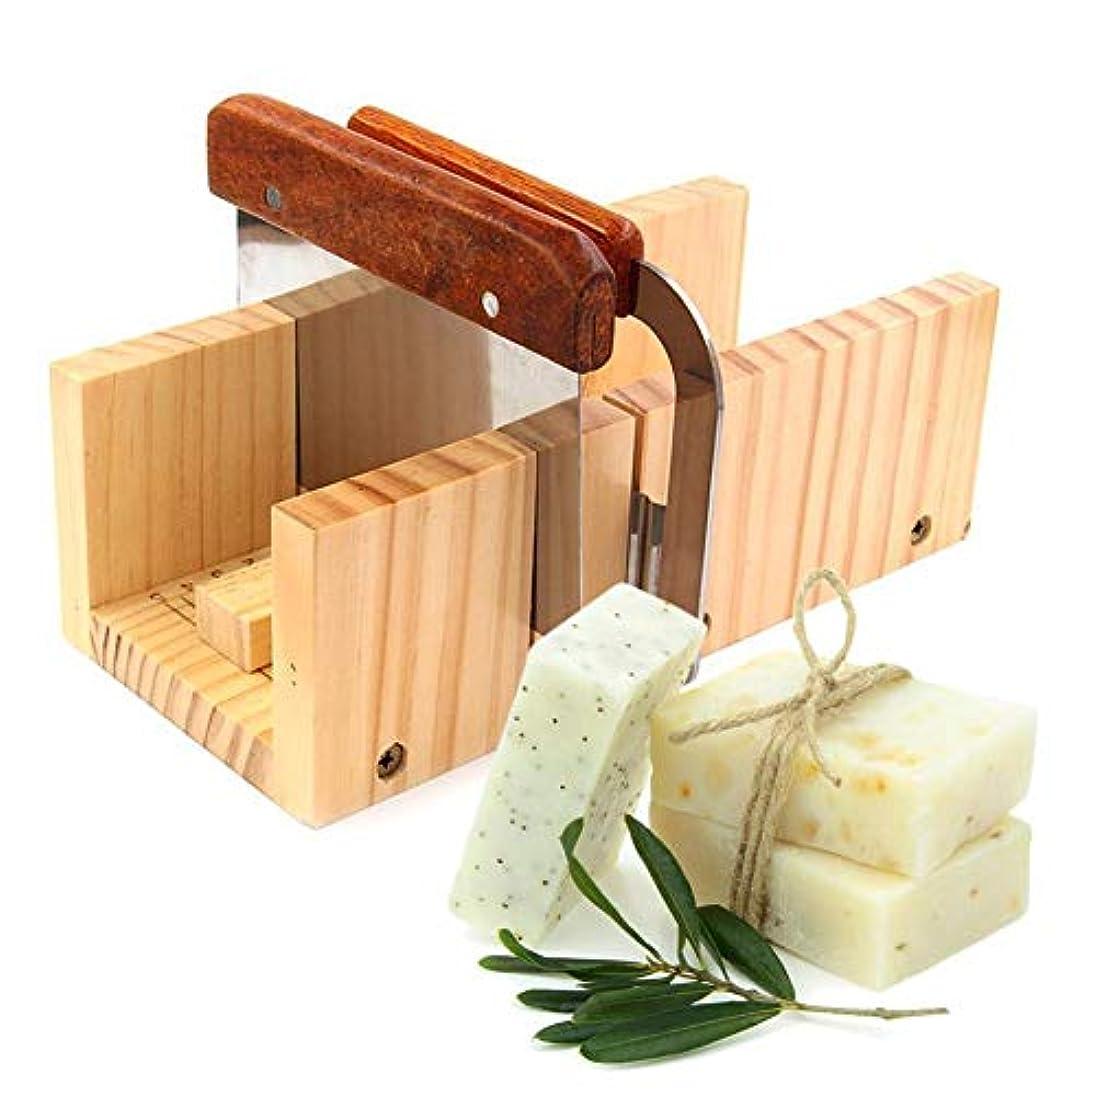 銃希望に満ちた樹木Ragem ソープカッター 手作り石鹸金型 木製 ローフカッターボックス 調整可能 多機能ソープ切削工具 ストレートプレーニングツール